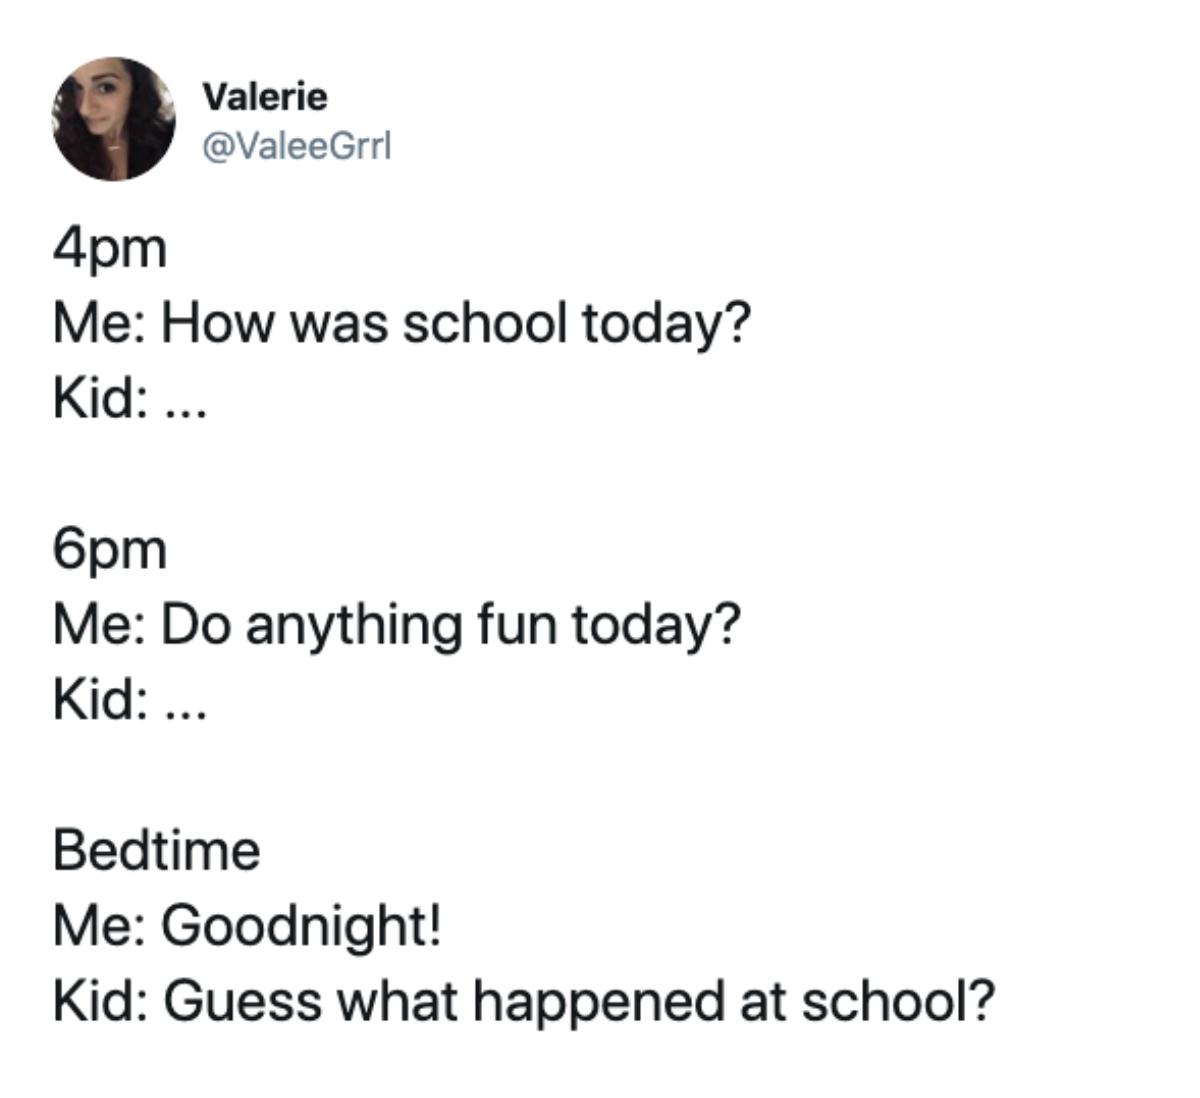 school and fun